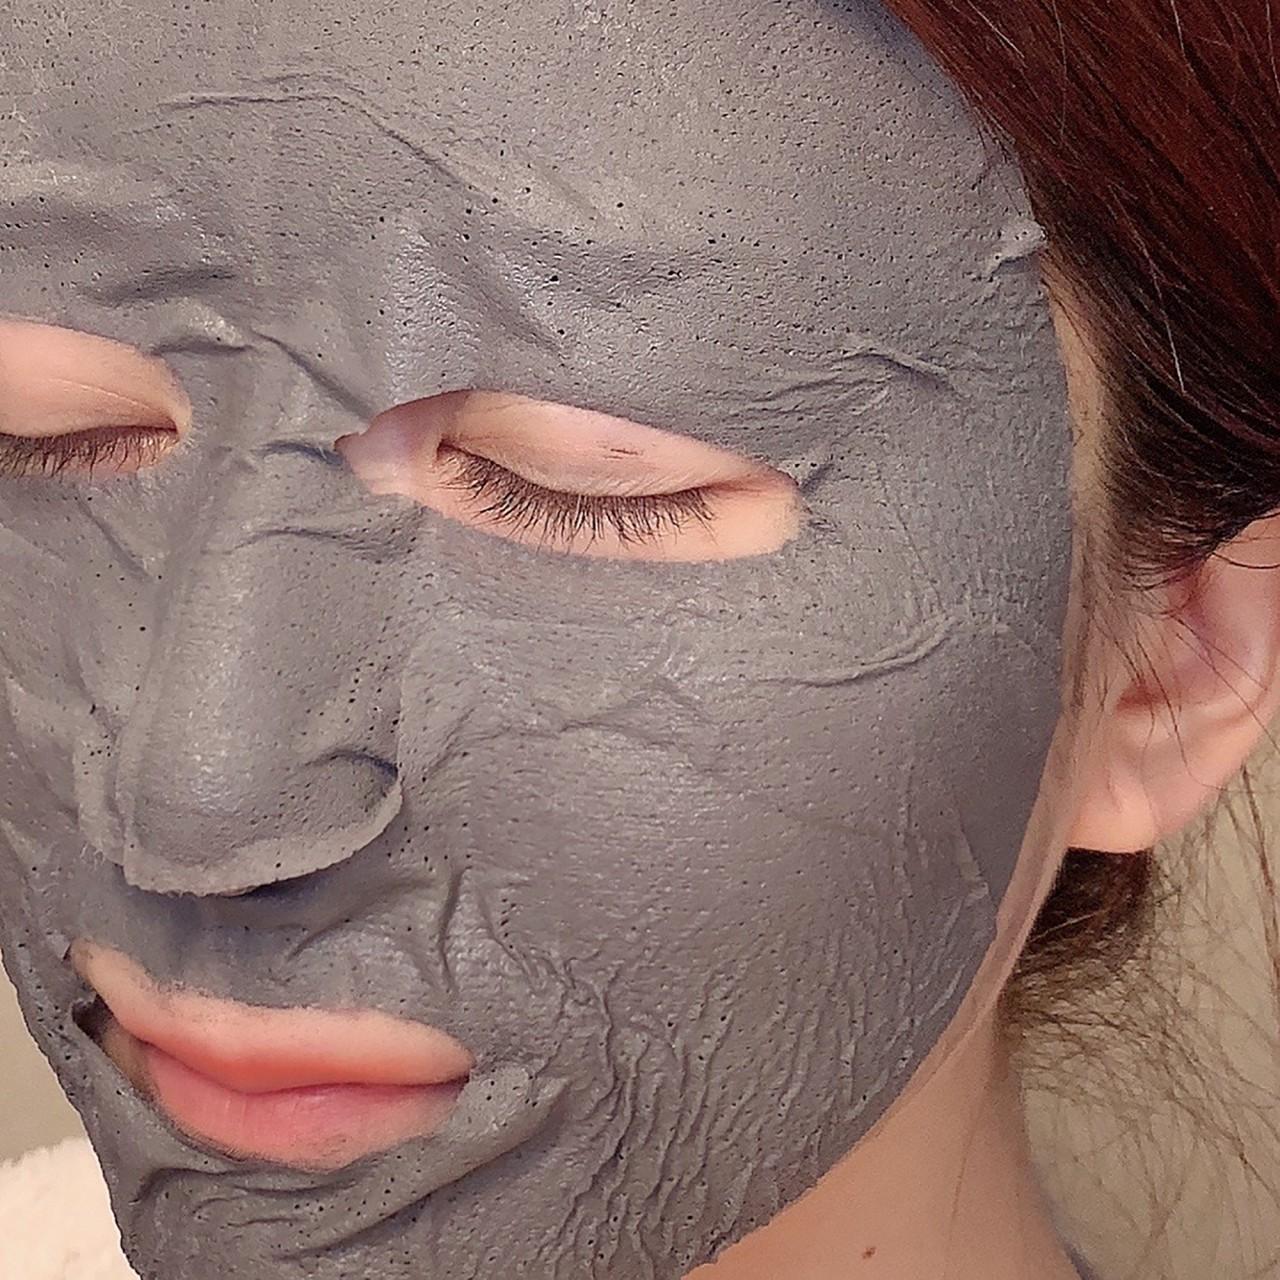 韓国人のような美肌になれるおすすめのマスク10選紹介の画像